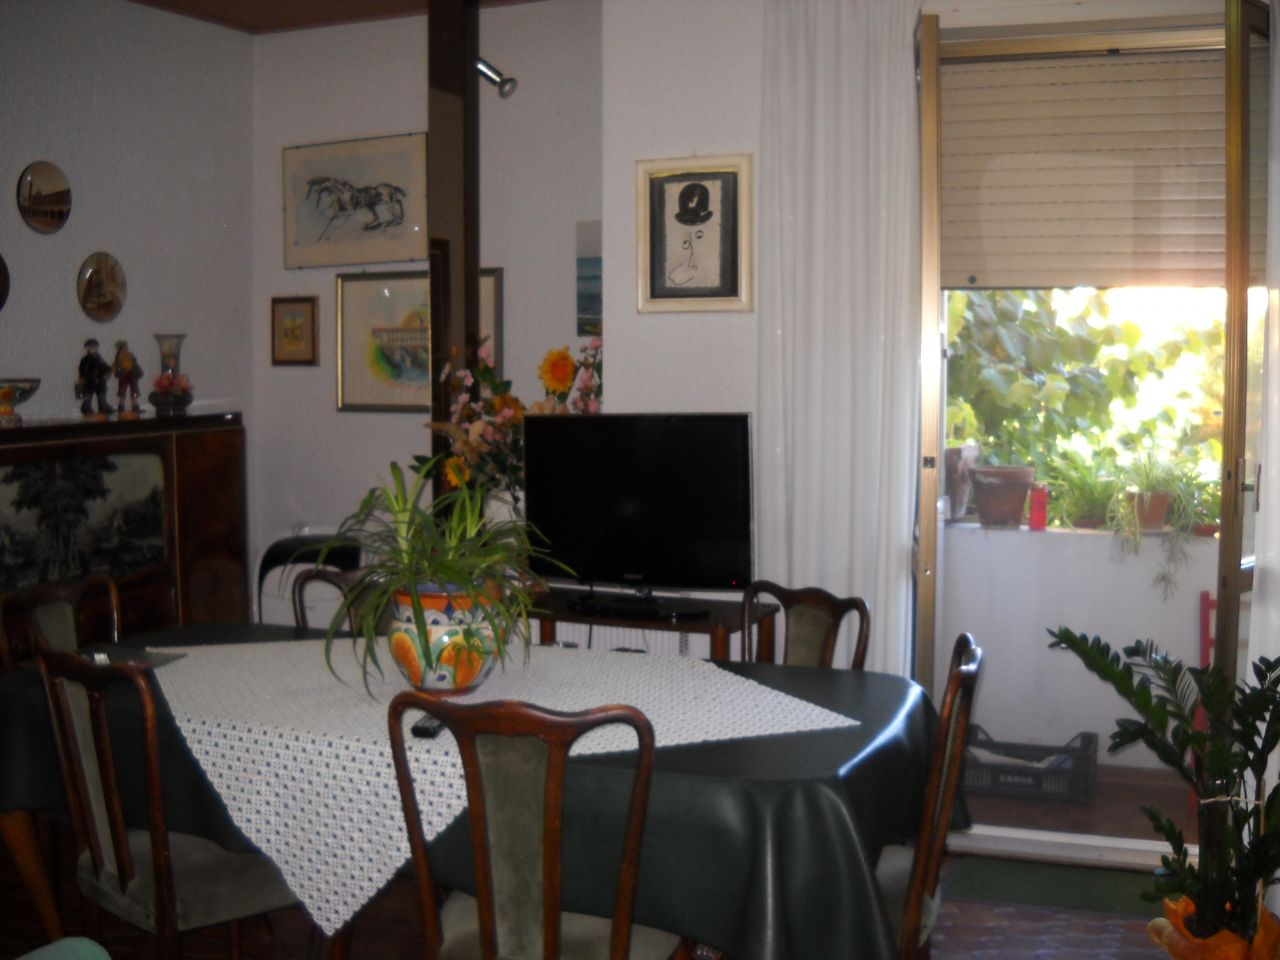 Appartamento in vendita a Ascoli Piceno, 9999 locali, zona Zona: Tofare, prezzo € 123.000 | Cambio Casa.it